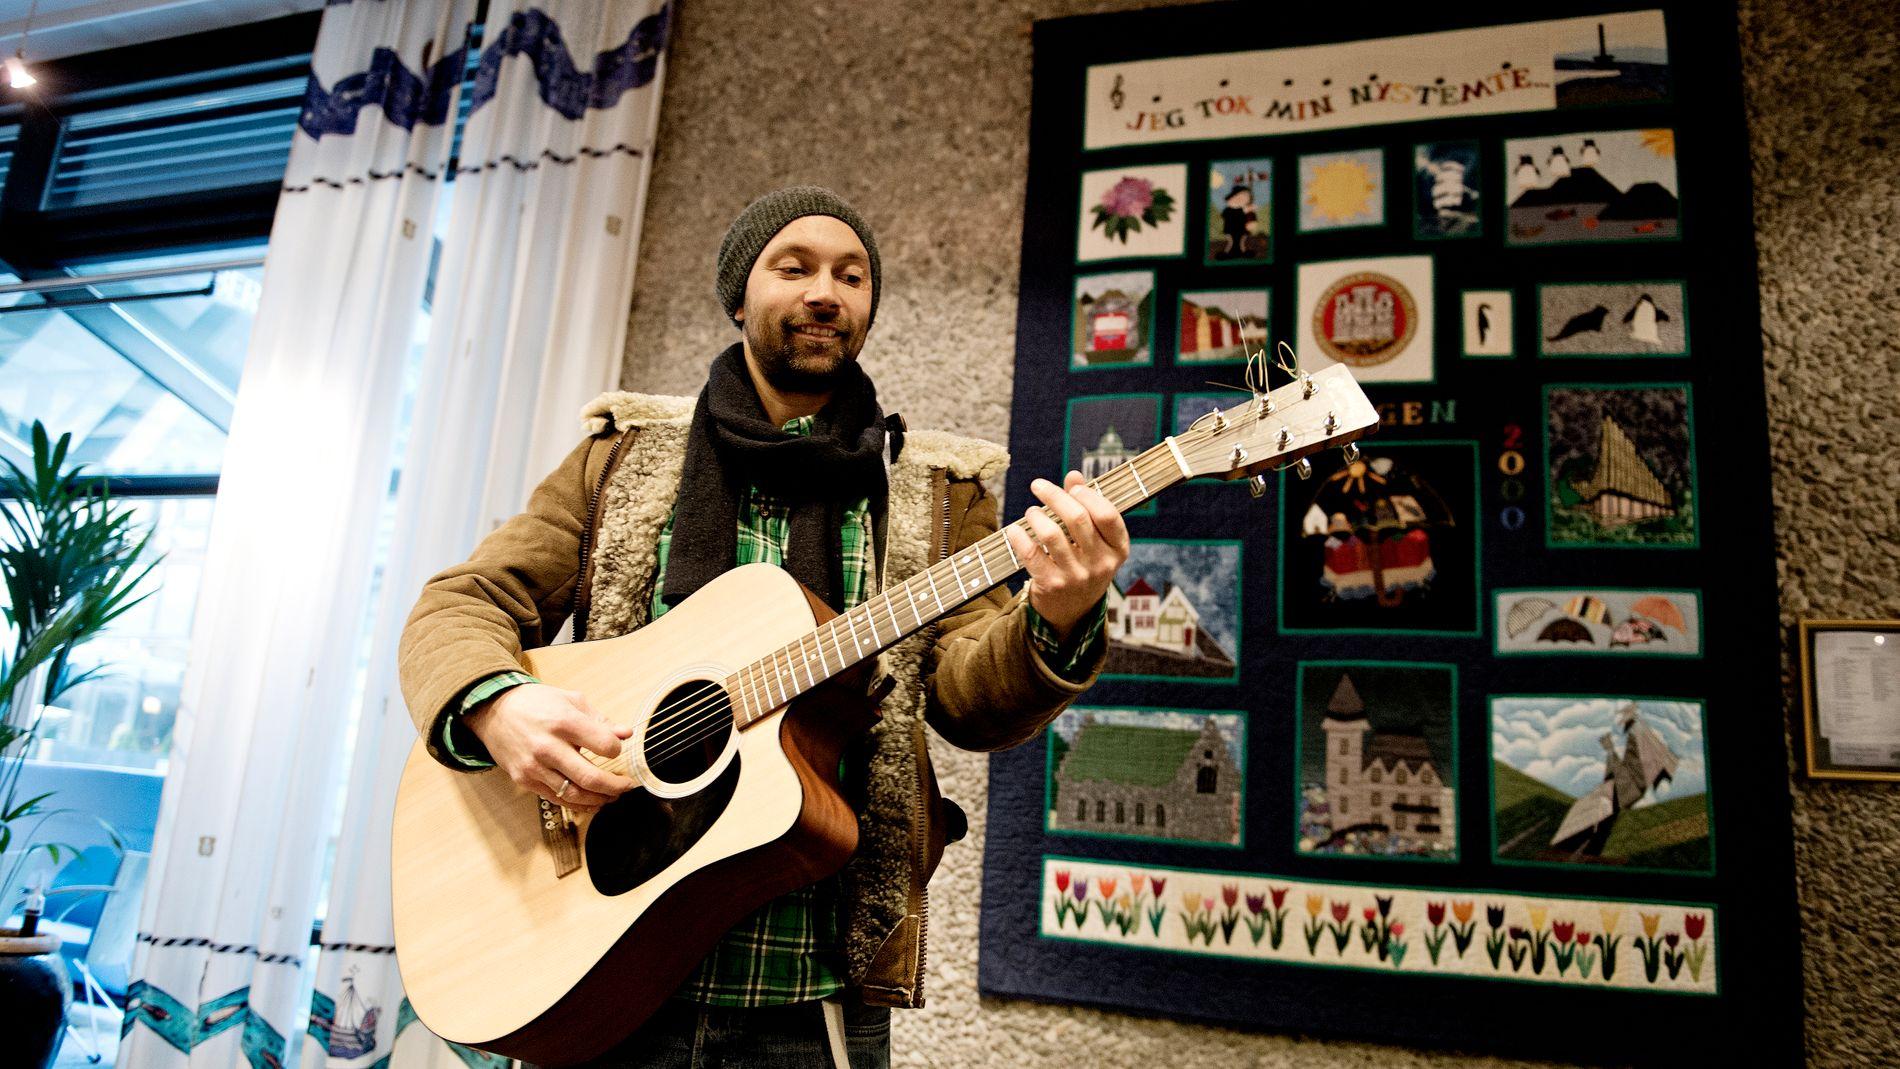 EN VITTIG TYPE: Mads Berven er en vittig type. På biblioteket på lørdag får han med seg en annen vittig type, Frode Grytten, til å holde konsert for barn.